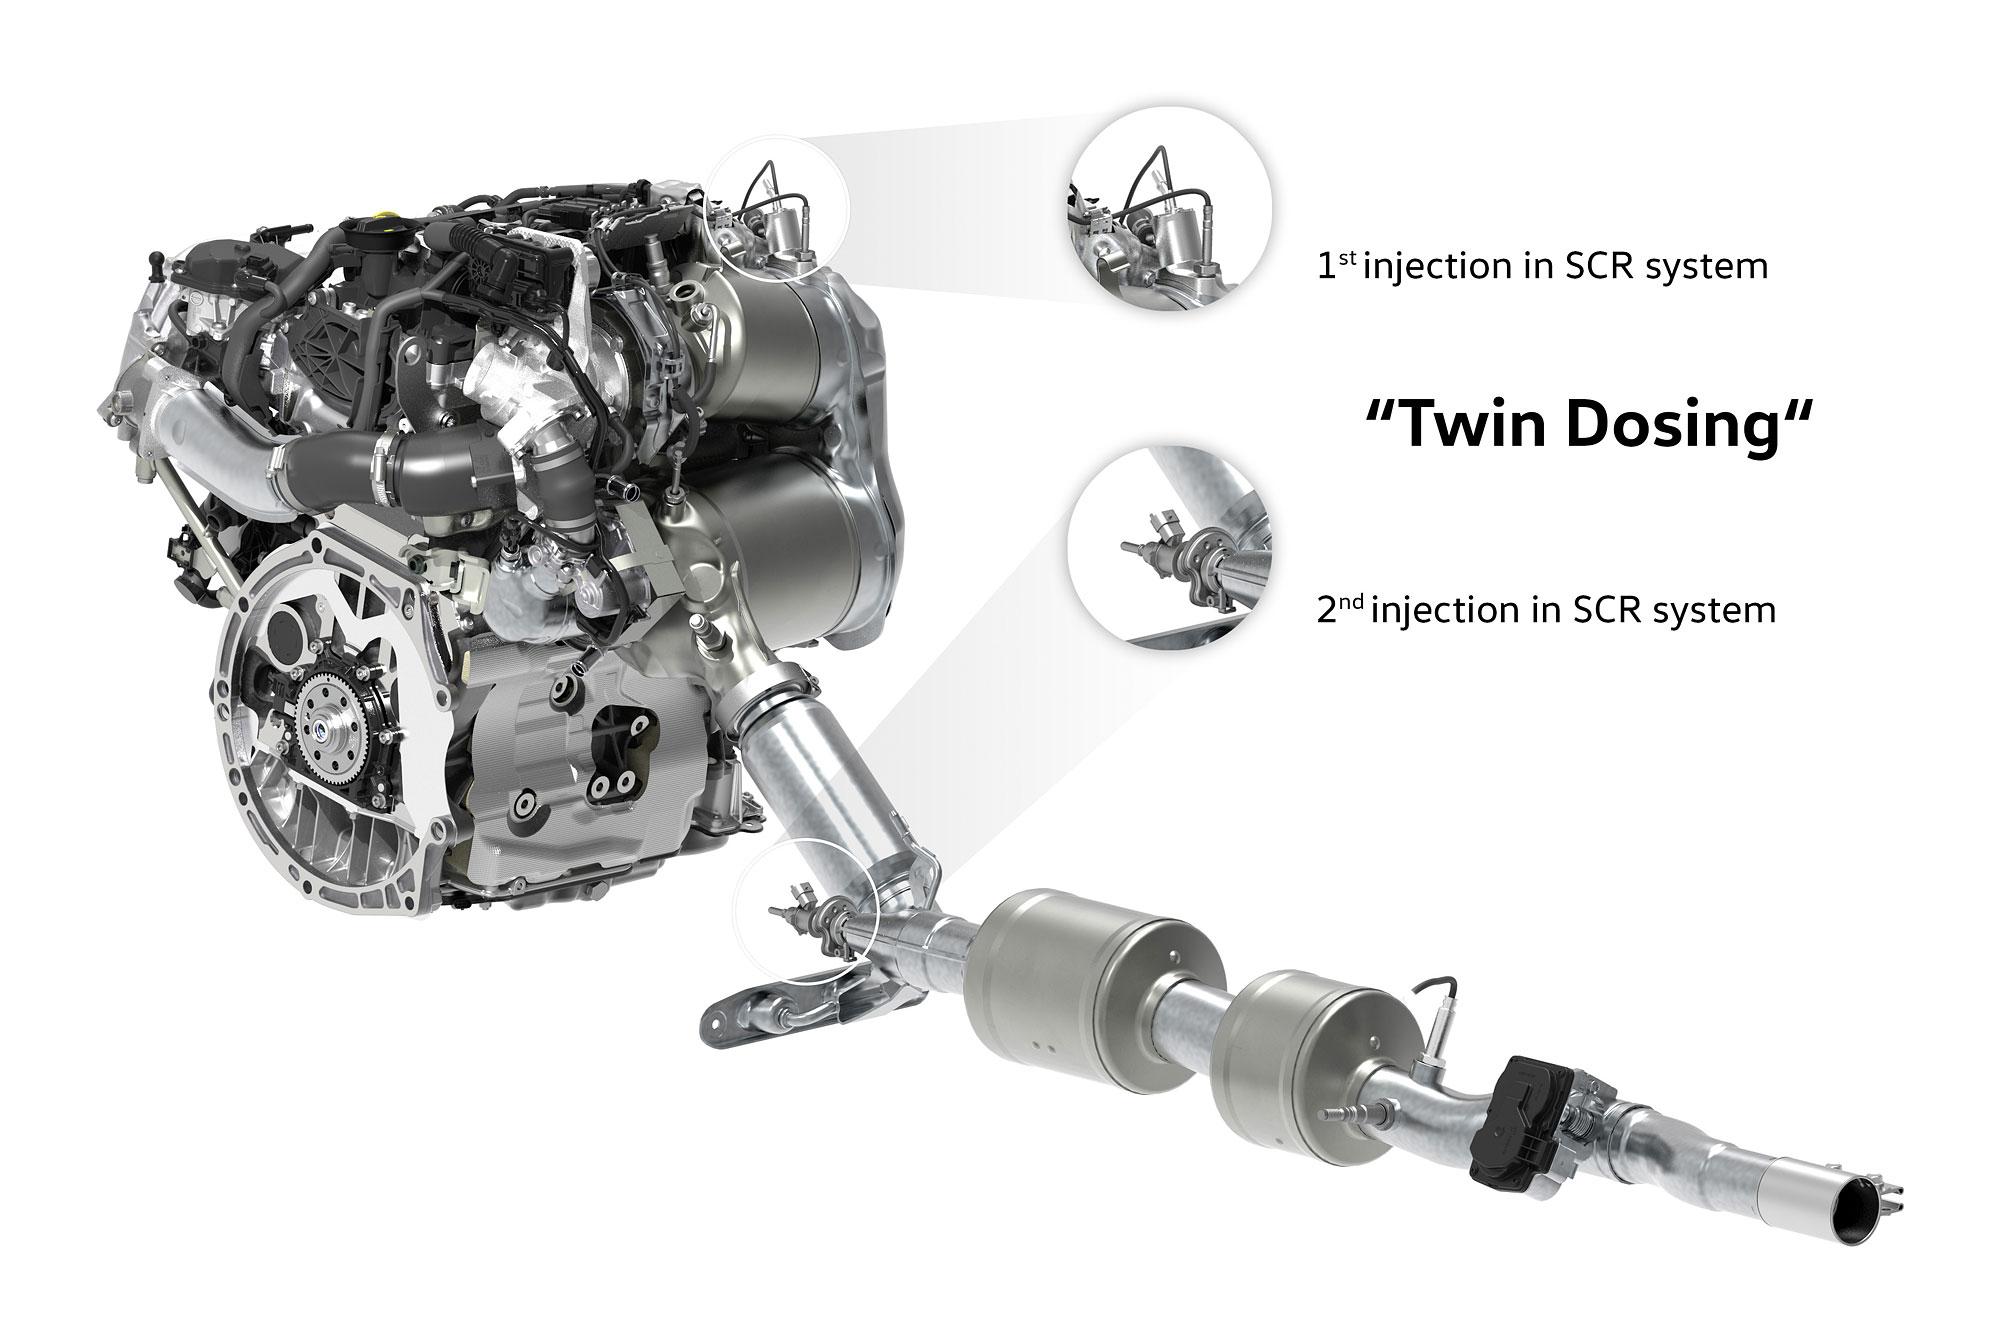 為了讓柴油引擎更潔淨, Volkswagen 推出雙 SCR 系統。